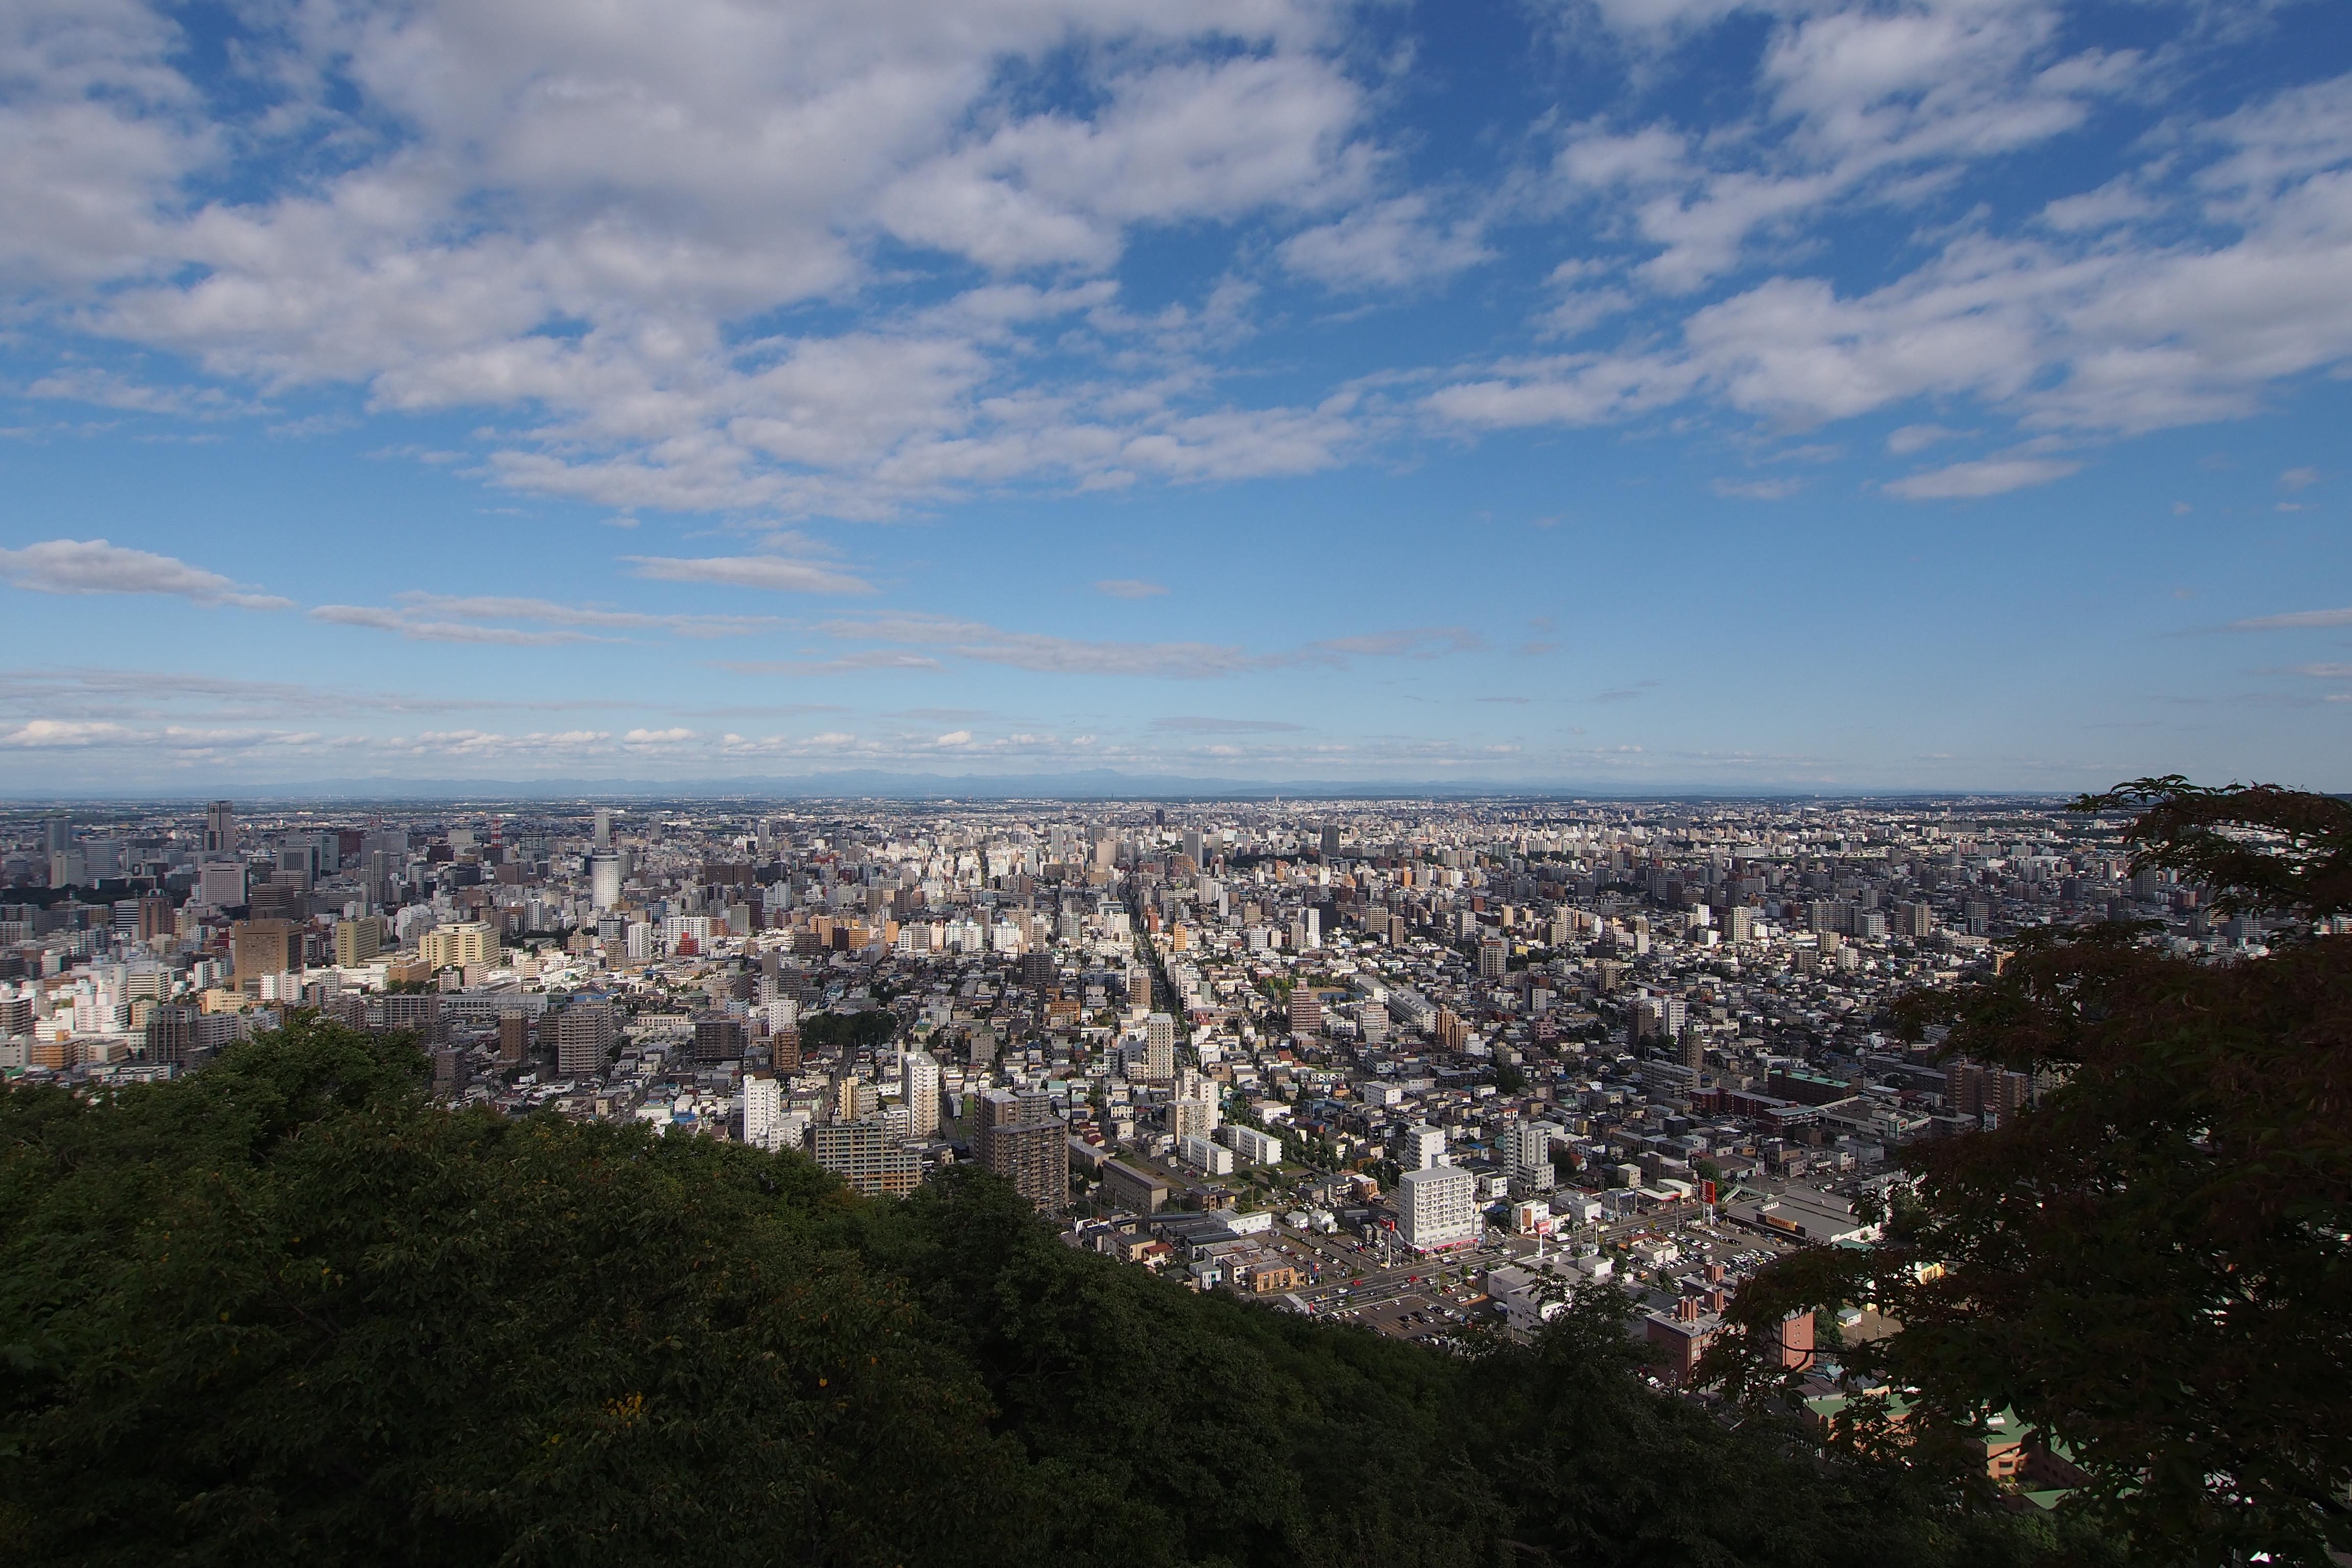 山頂だけ岩場になっていて、札幌市街が一望にできる。標高は225mと低いが、その分短時間で登れるのでお散歩感覚の人も多い。M.ZUIKO DIGITAL ED 9-18mm F4-5.6 / 1/1,600秒 / F5.6 / 0.0EV / ISO200 / 絞り優先AE / WB:オート / 9mm